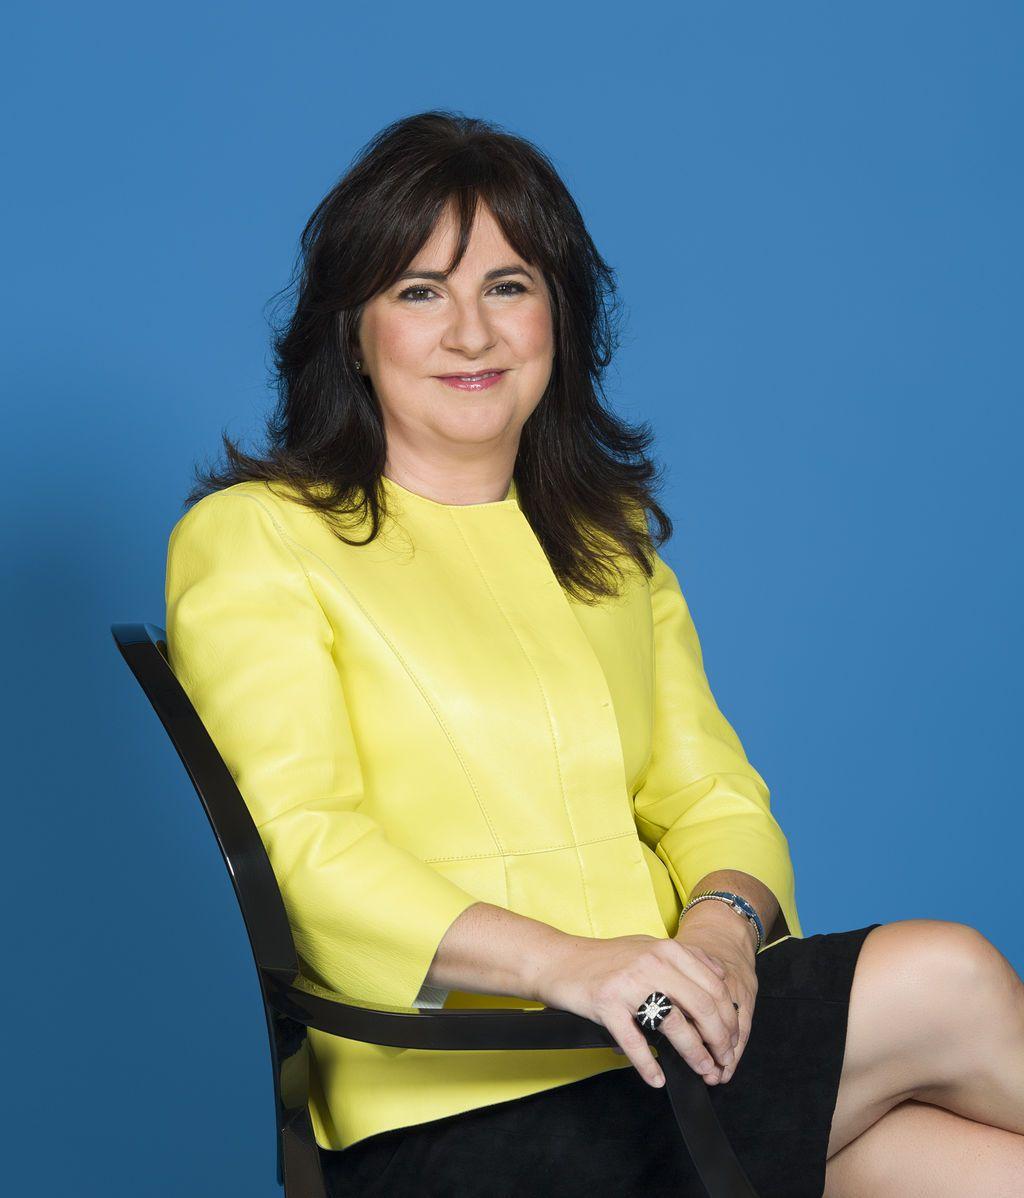 Cristina Panizza, directora de Operaciones y Servicios de Ventas de Publiespaña